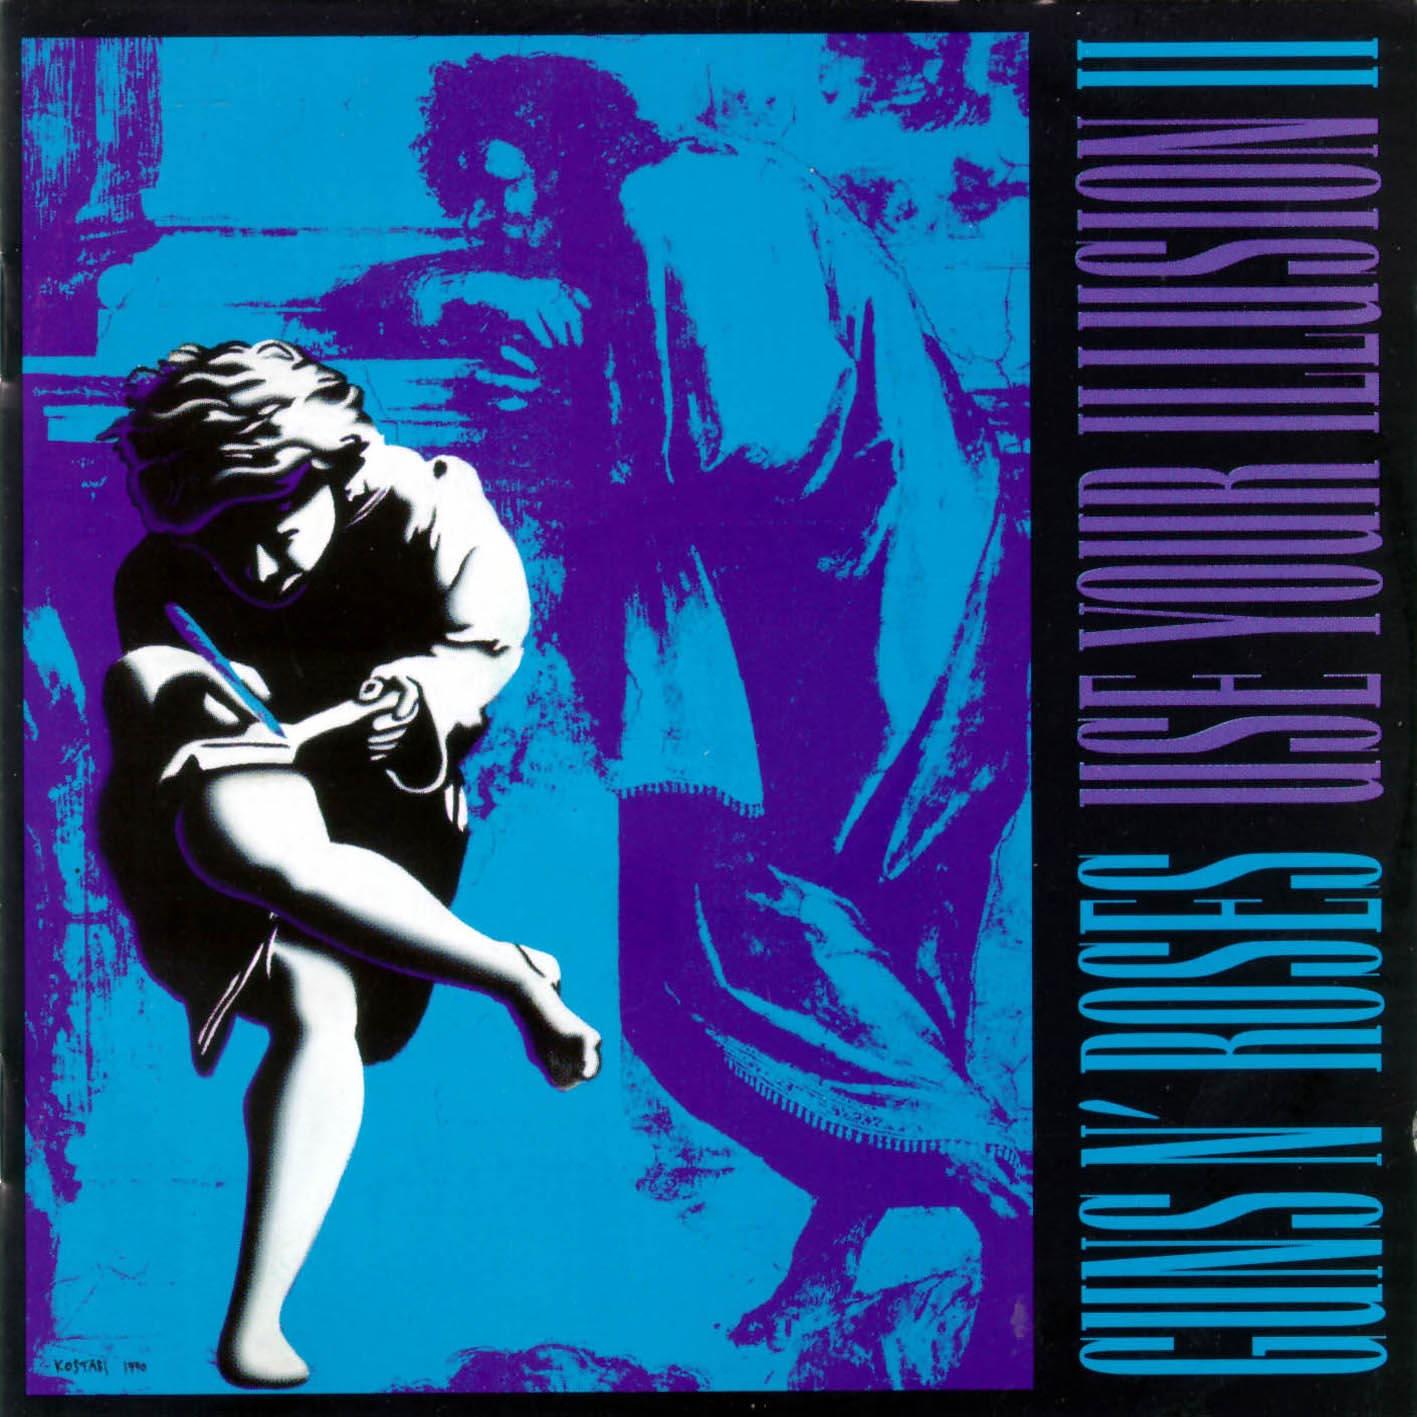 http://3.bp.blogspot.com/_b9nVZG0EwN0/TQ0fxJy-RQI/AAAAAAAAAGU/JRZVBU9qWpY/s1600/Use+Your+Illusion+II.jpg